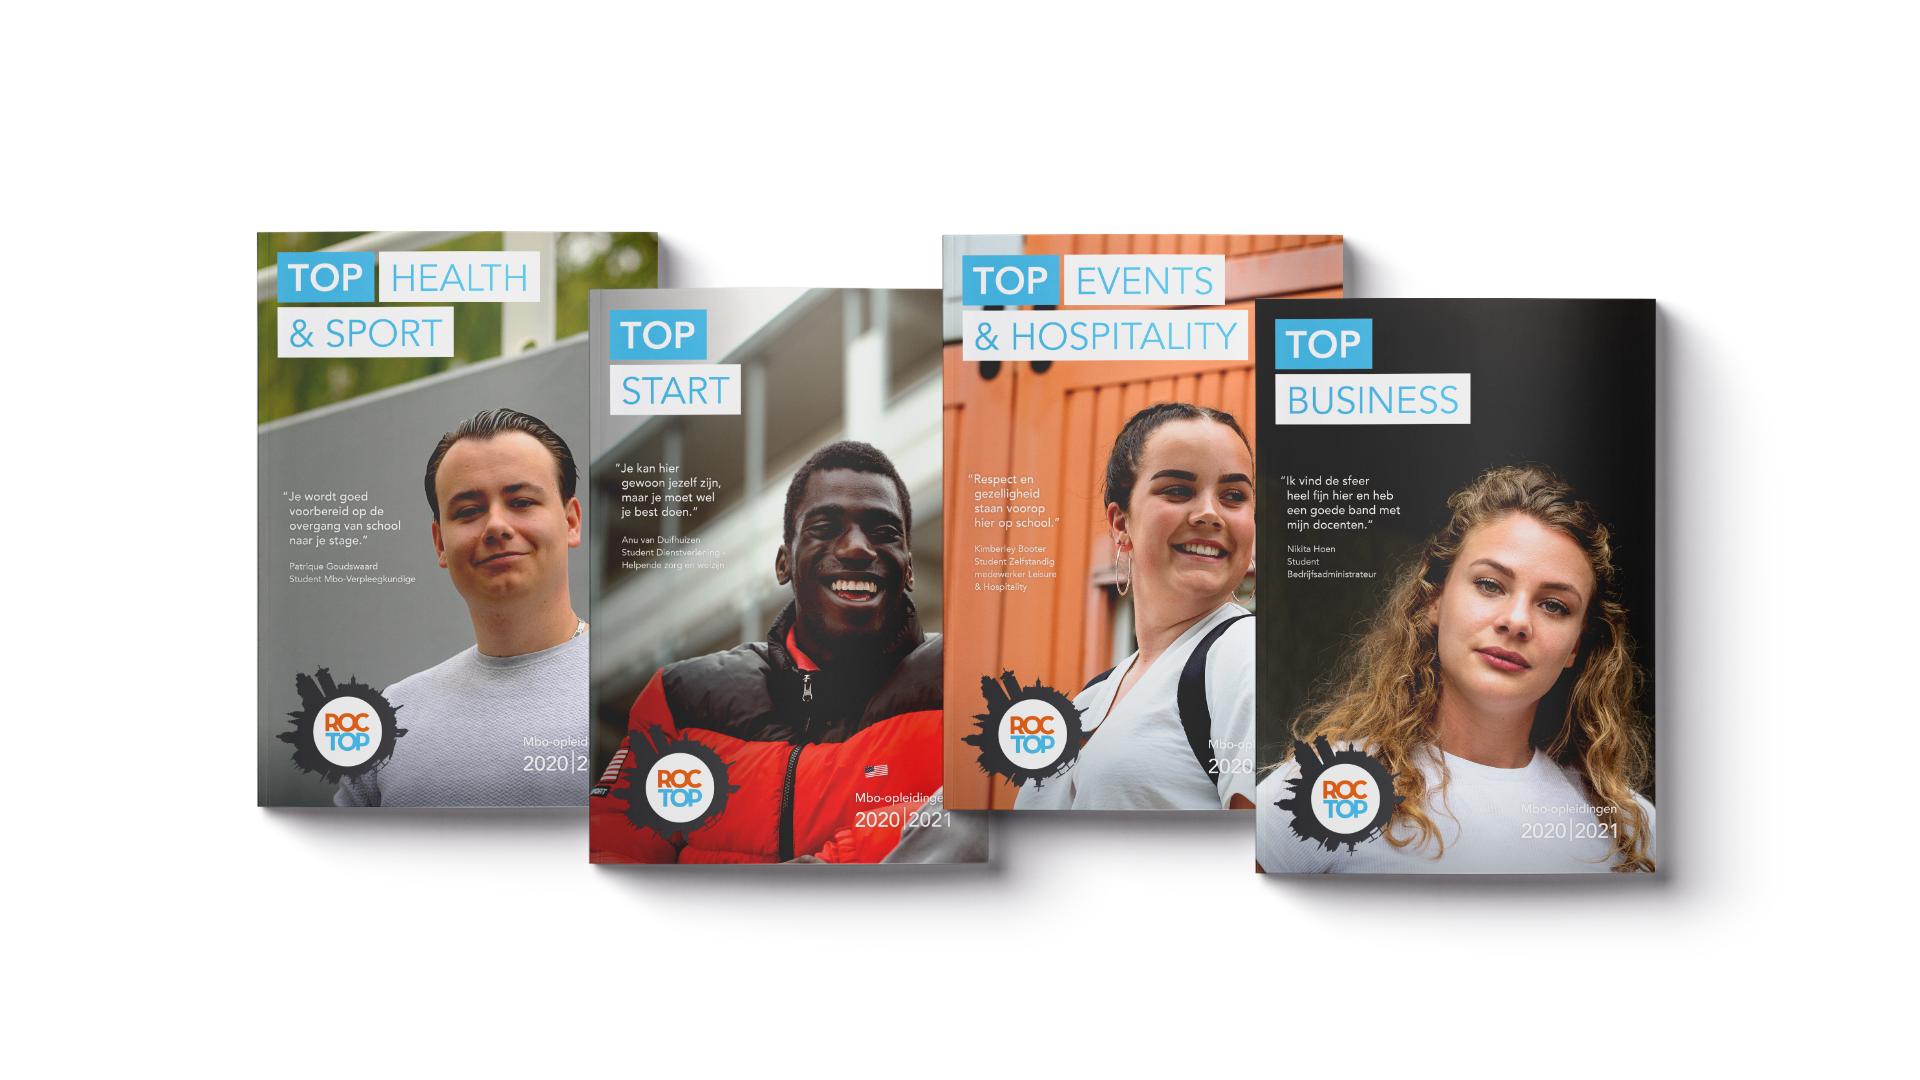 roctop-brochure-covers